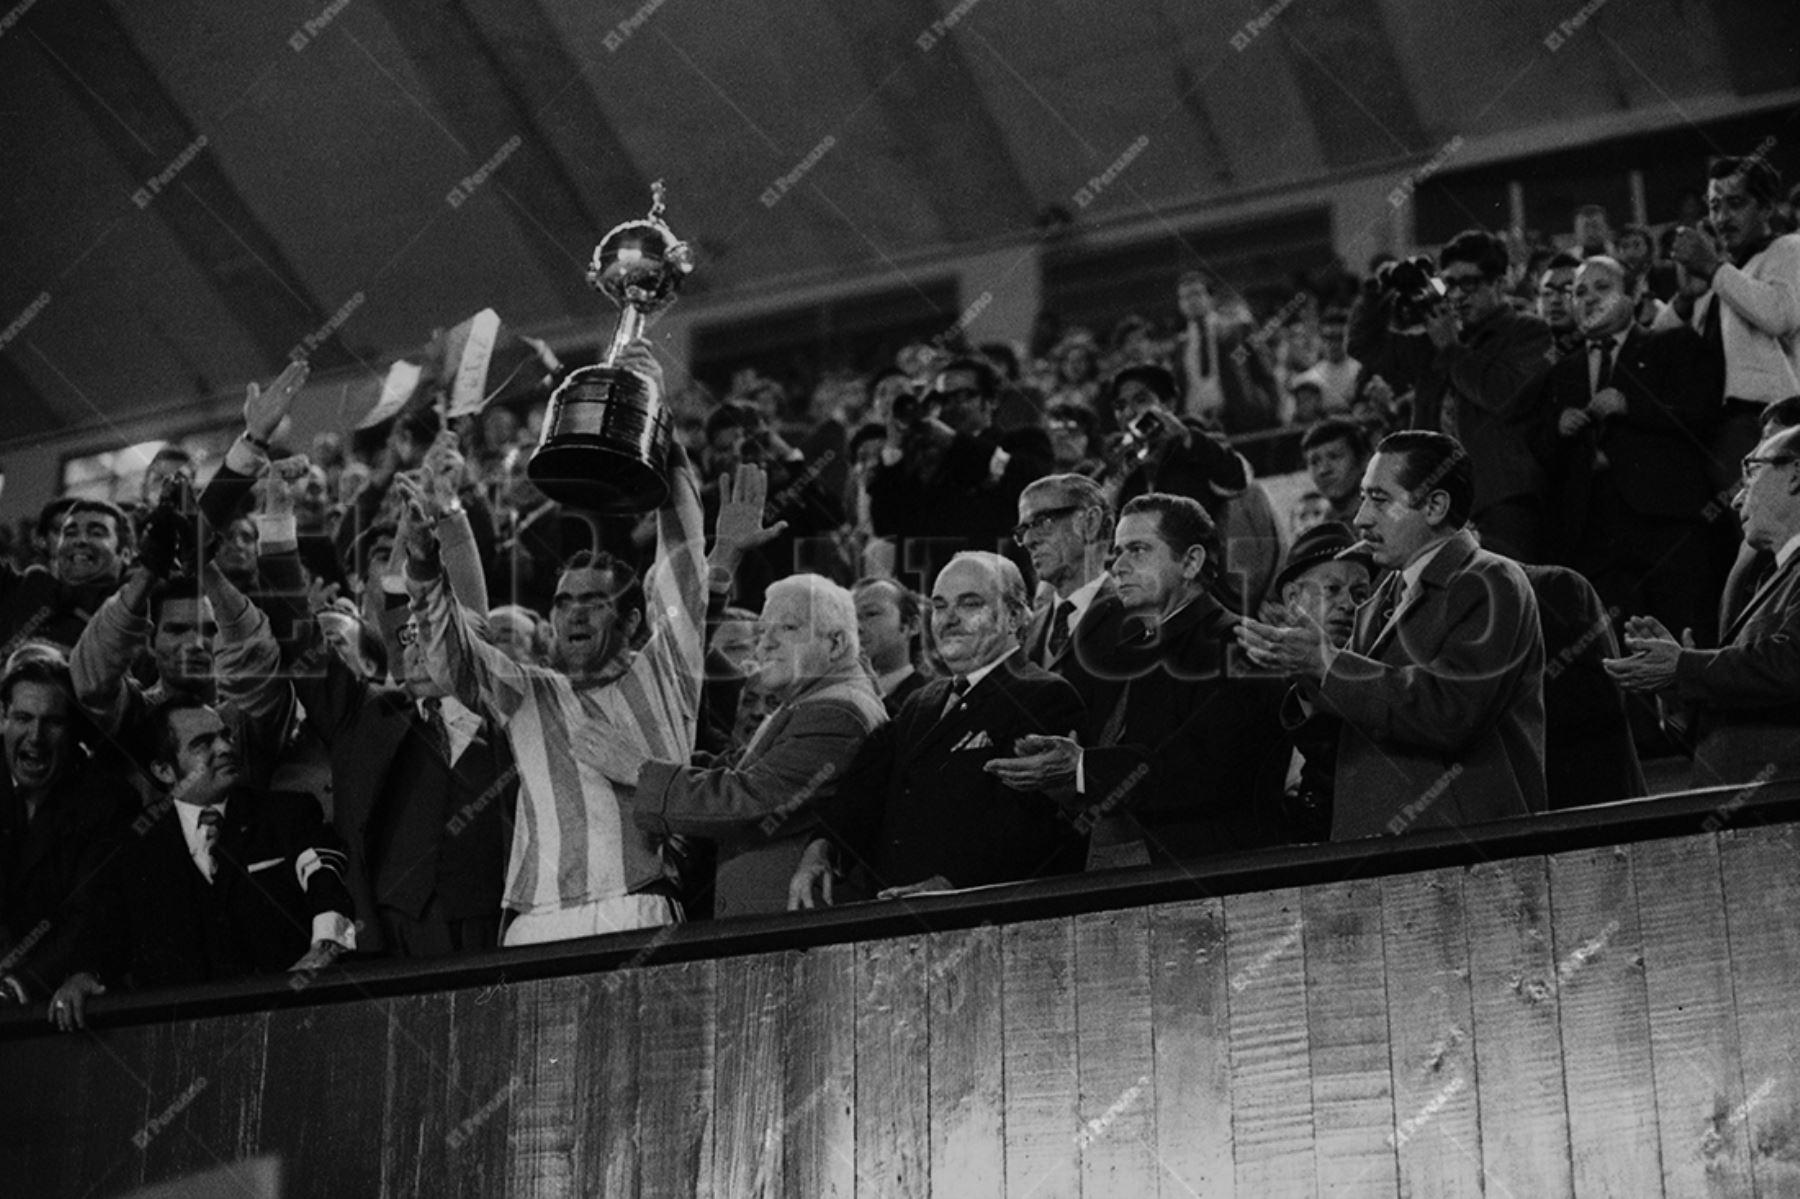 Lima - 9 junio 1971 / Luis Ubiña, capitán del Nacional con la copa en alto. El cuadro uruguayo se coronó campeón de la Copa Libertadores de América en el Estadio Nacional de Lima al vencer 2-0 a Estudiantes Argentina.  Foto: Archivo Histórico de El Peruano